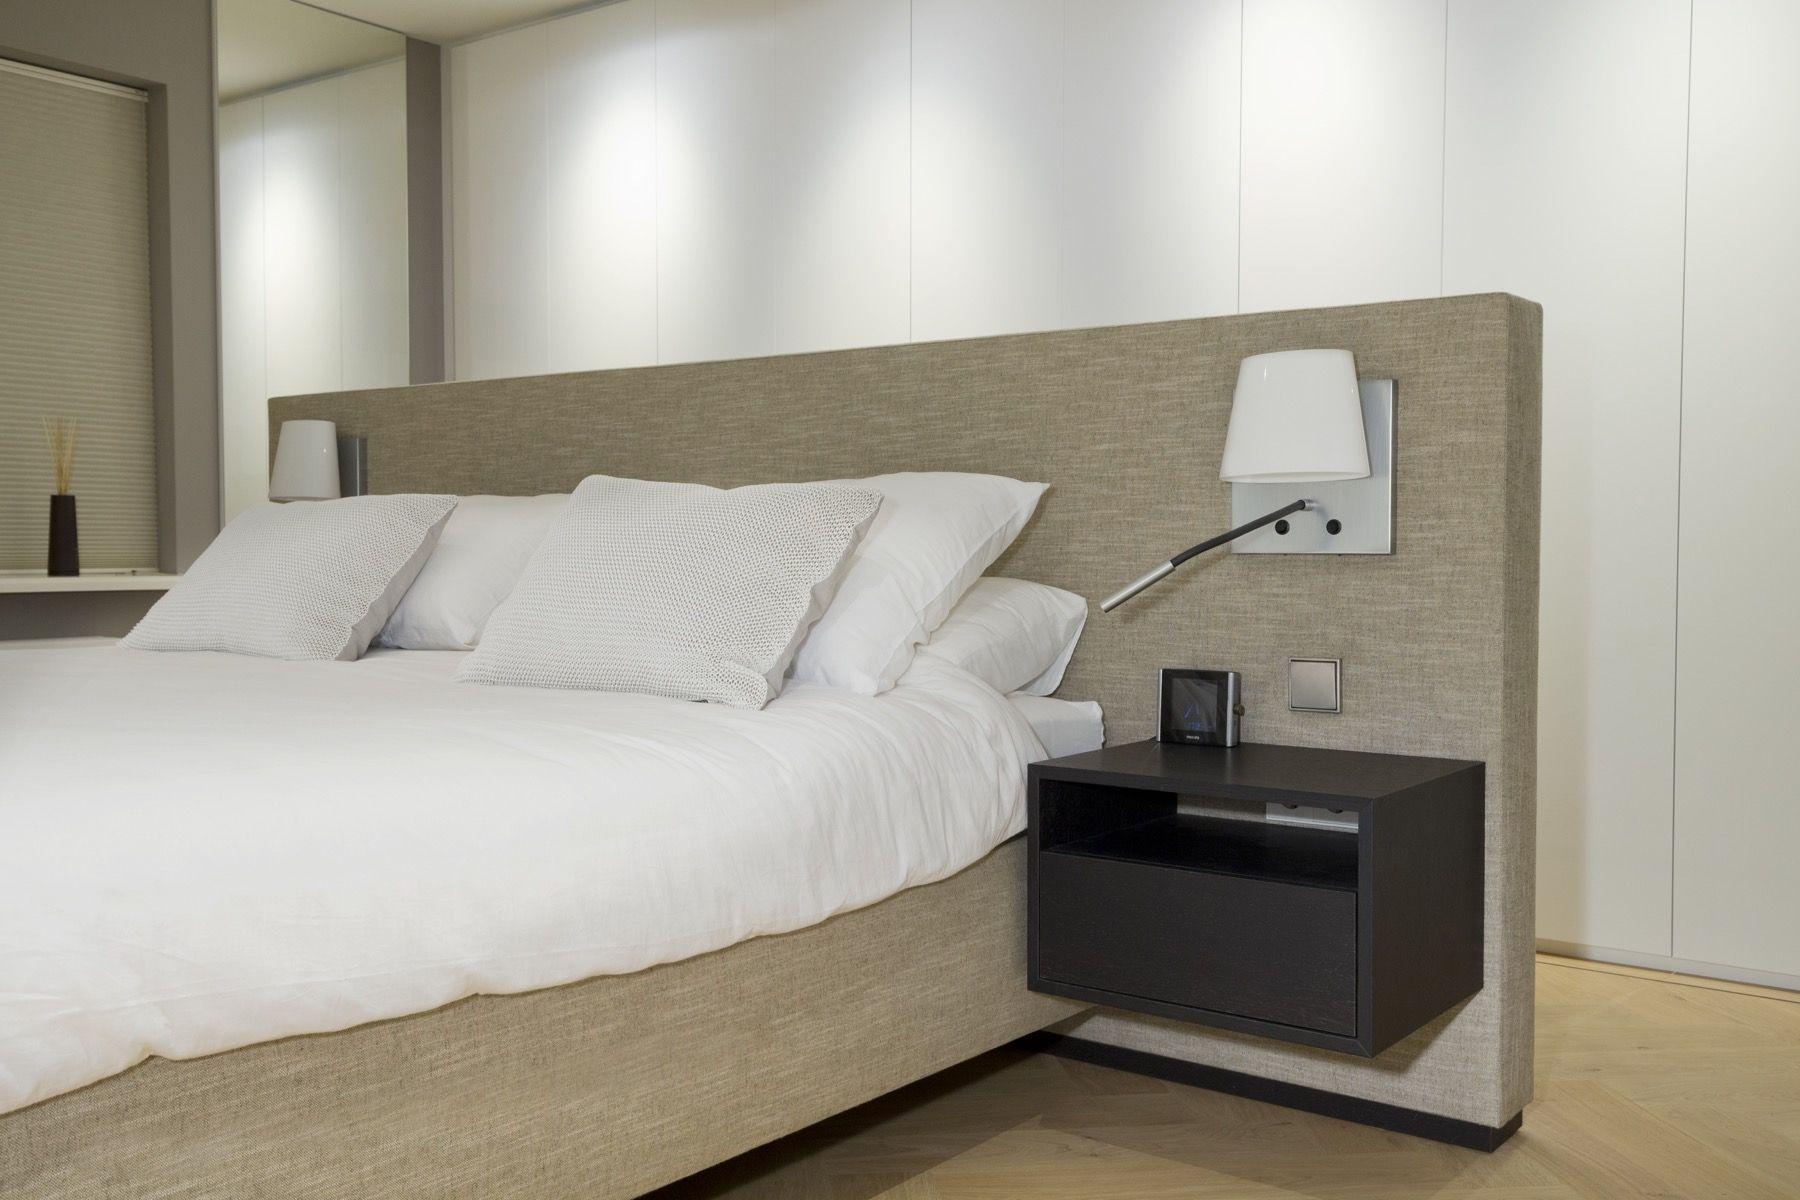 Afbeeldingsresultaat voor slaapkamer verlichting bed - Slaapkamer ...